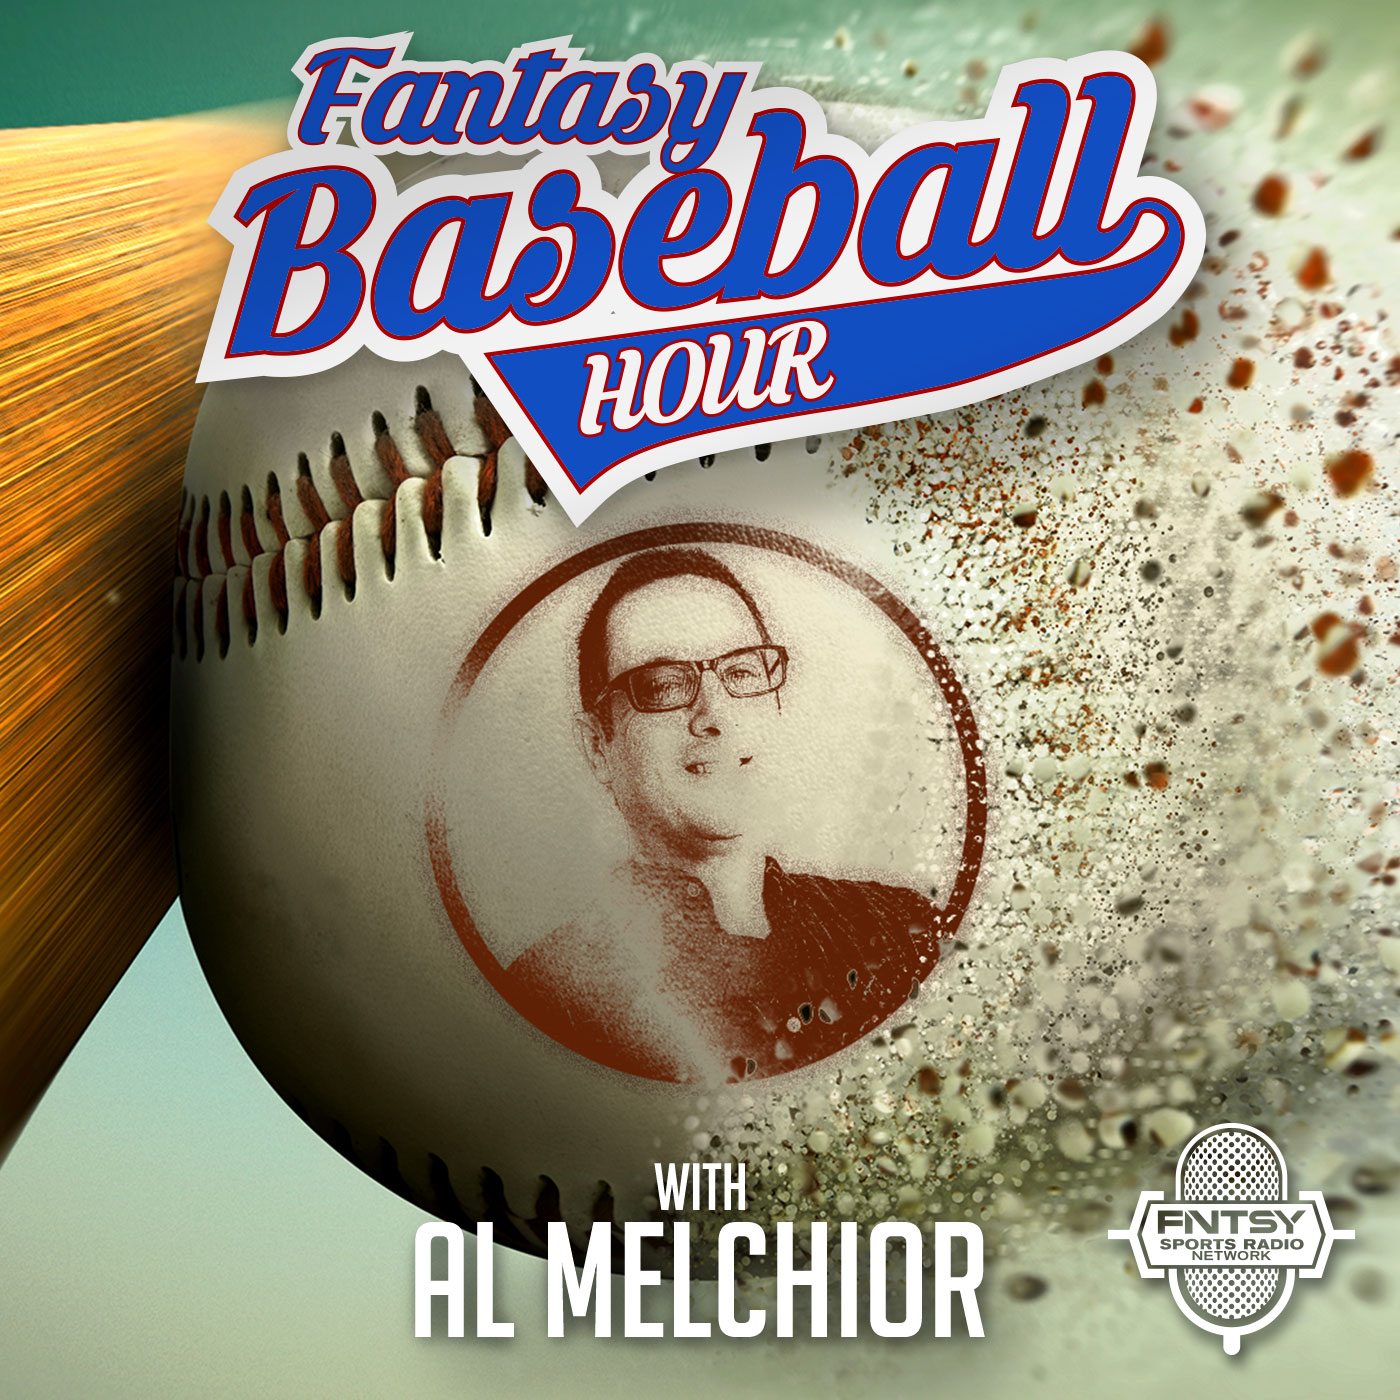 Fantasy Baseball Hour w/ Al Melchior